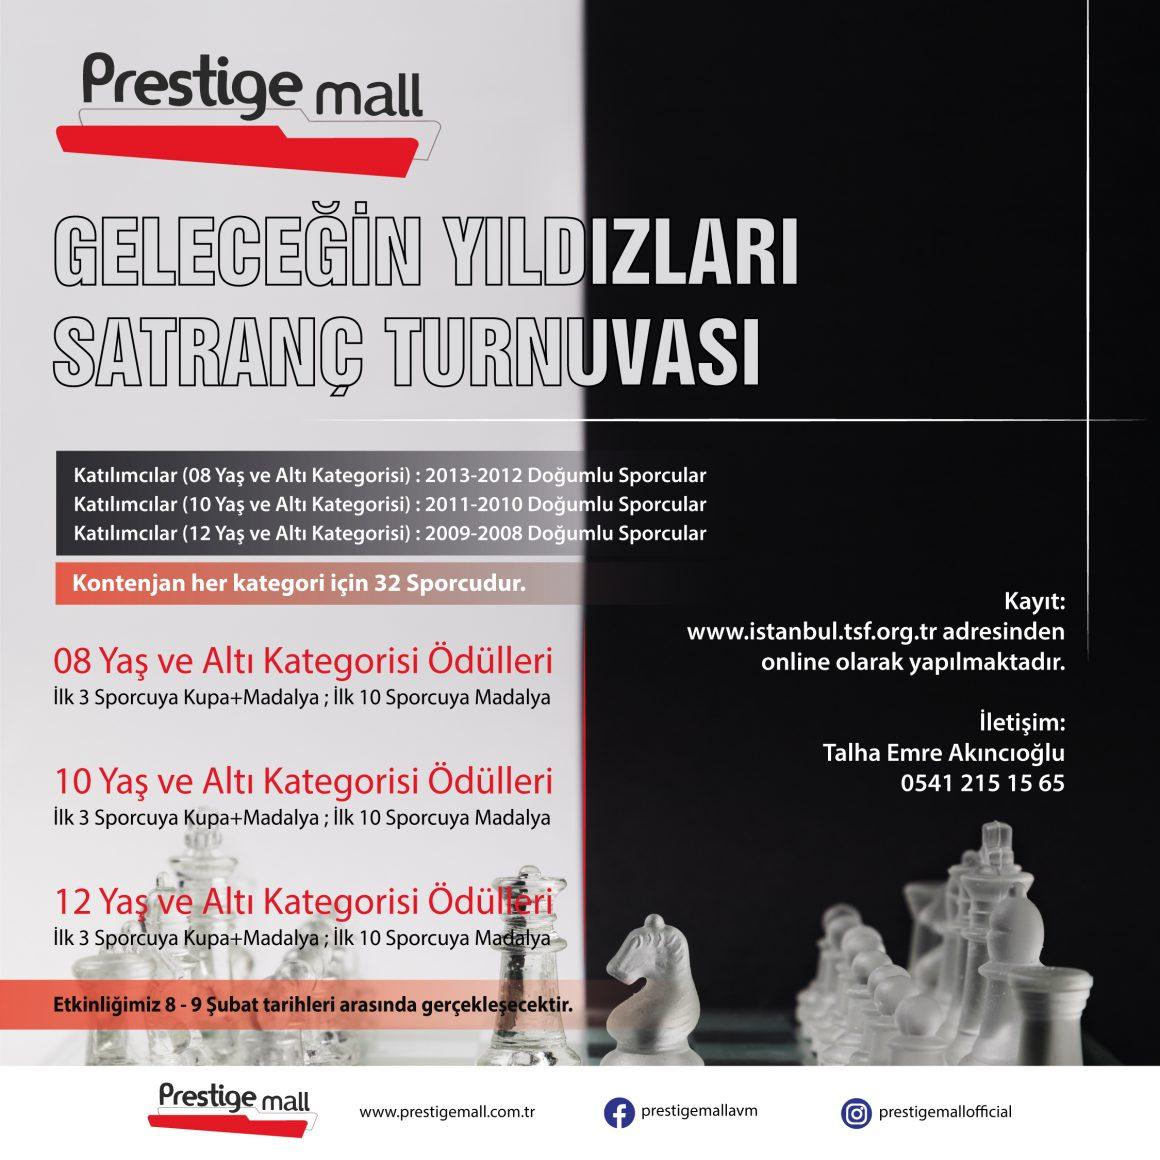 Prestige Mall Avm Geleceğin Yıldızları Satranç Turnuvası